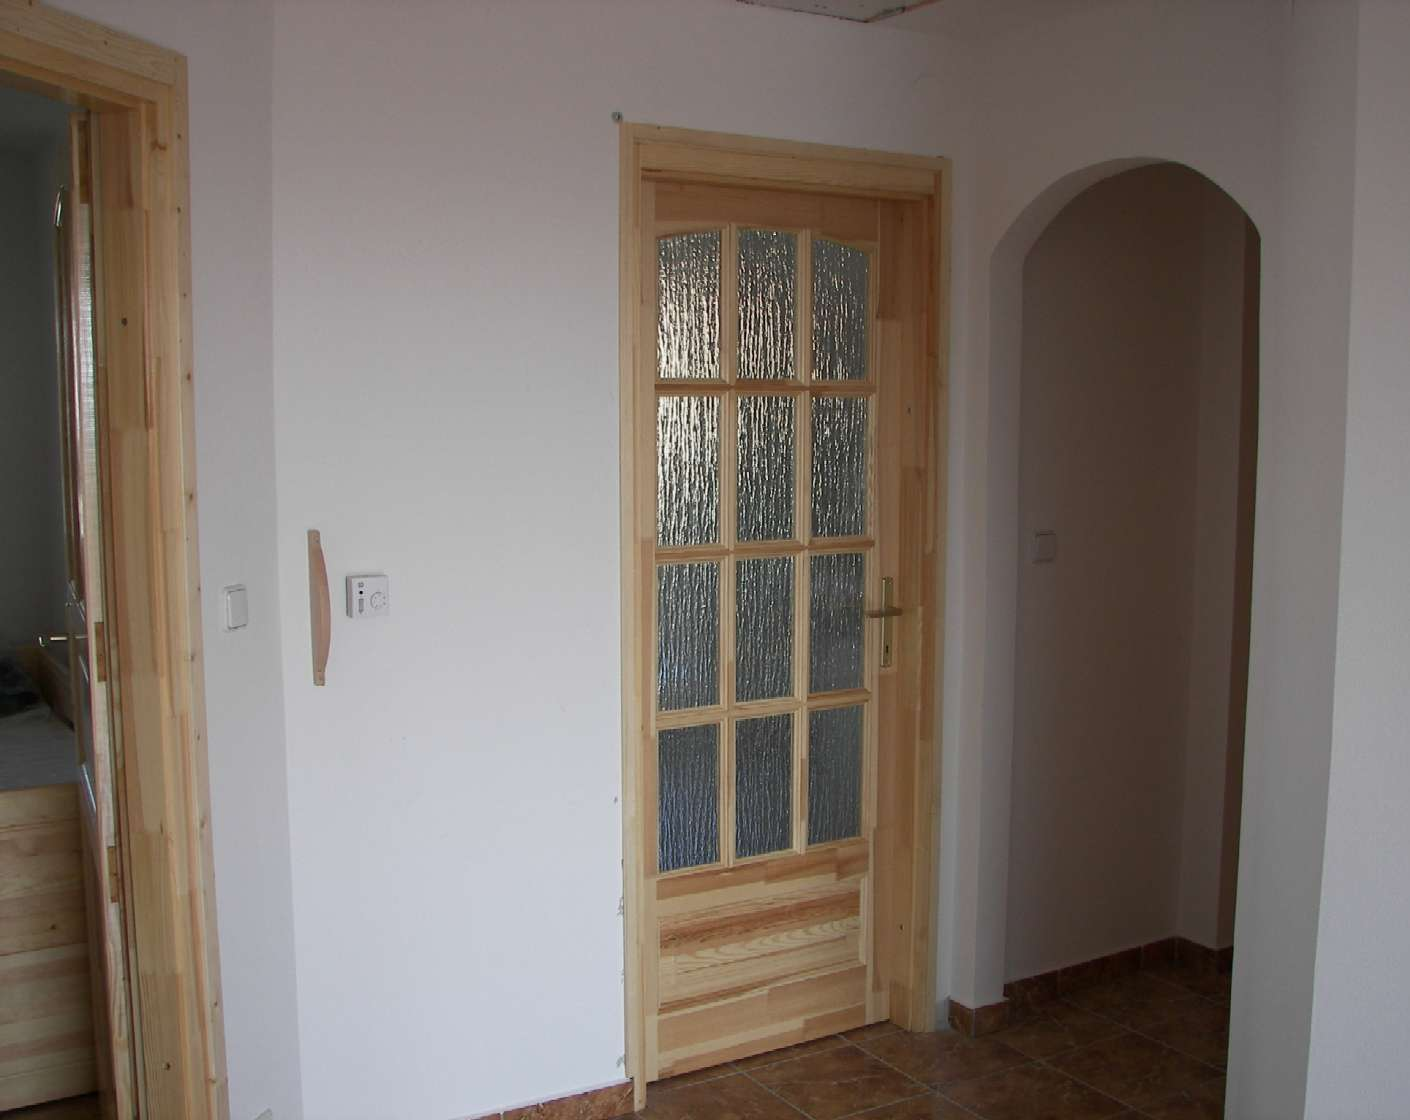 haus wohnzimmer oben:Diele, Zugang zu Küche, Bad und WC